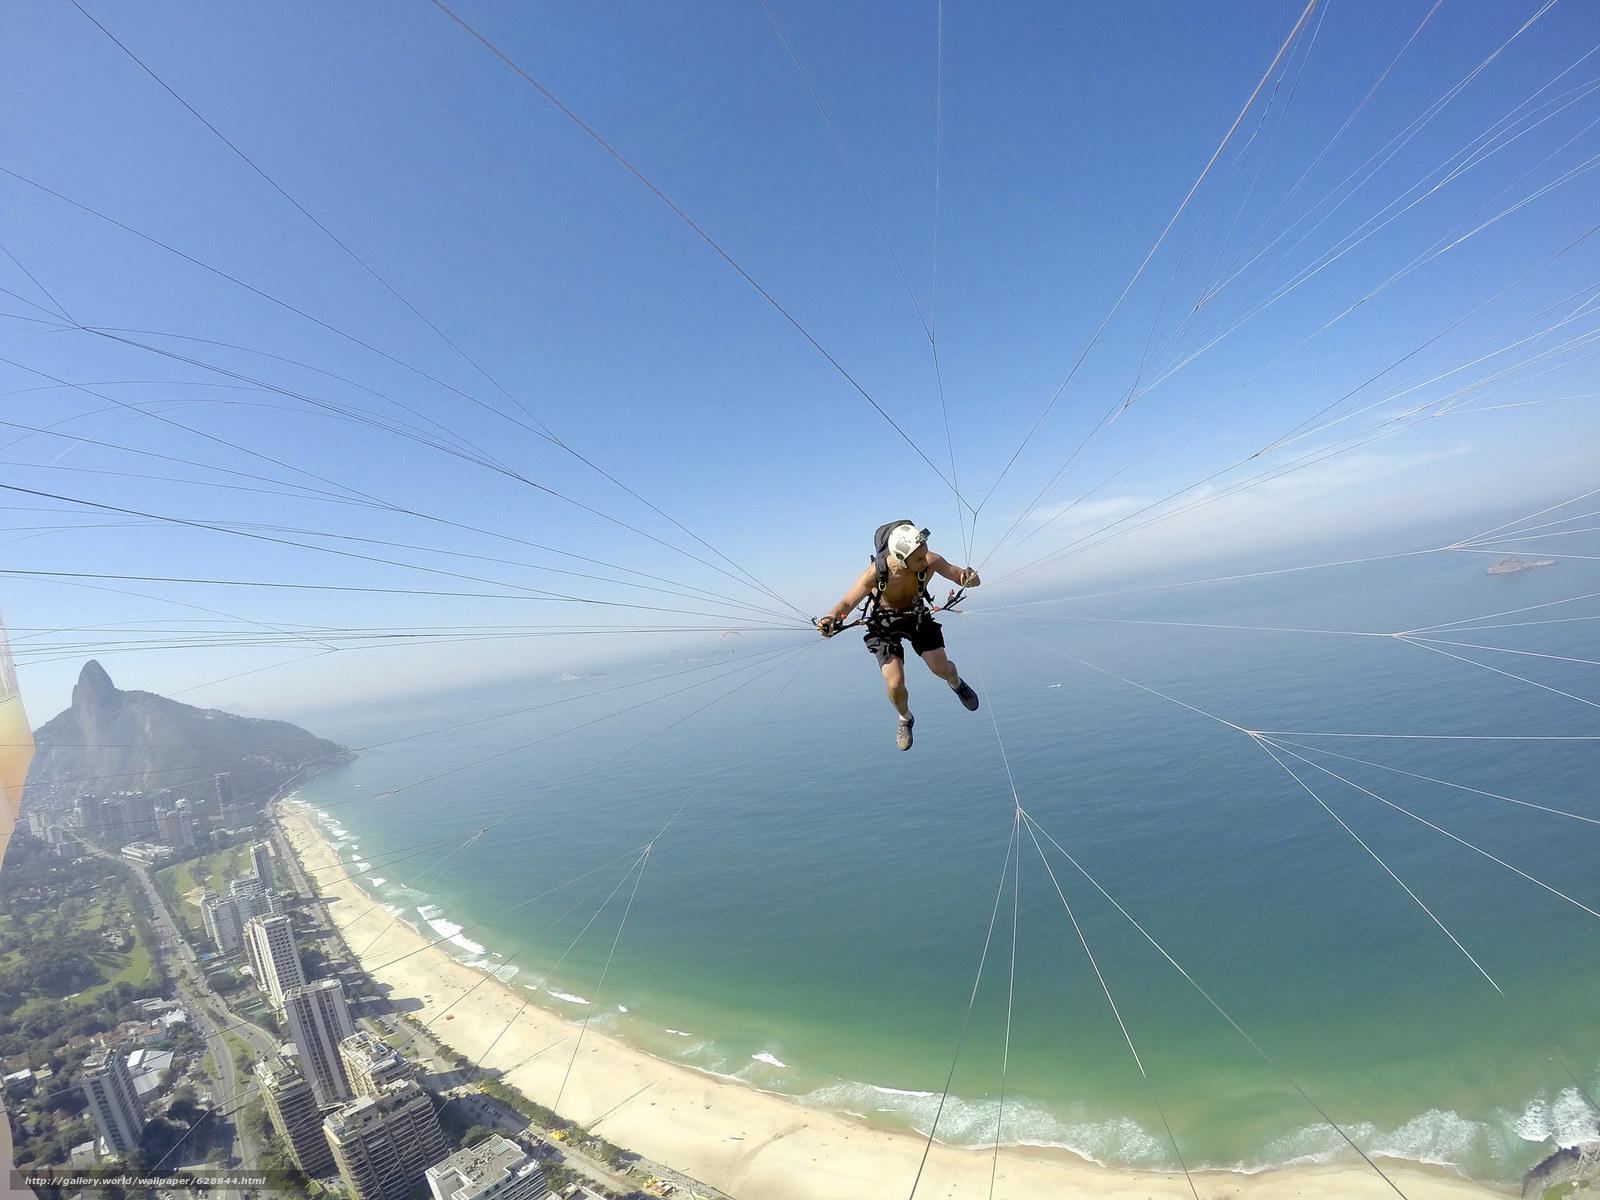 пилот, камера, параплан, шлем, полеты на параплане, нить, пляж, море, островок, горизонт, небо, Бразилия, Рио-де-Жанейро, экстремальный спорт Скачать,  картинка, изображение, фото, обои